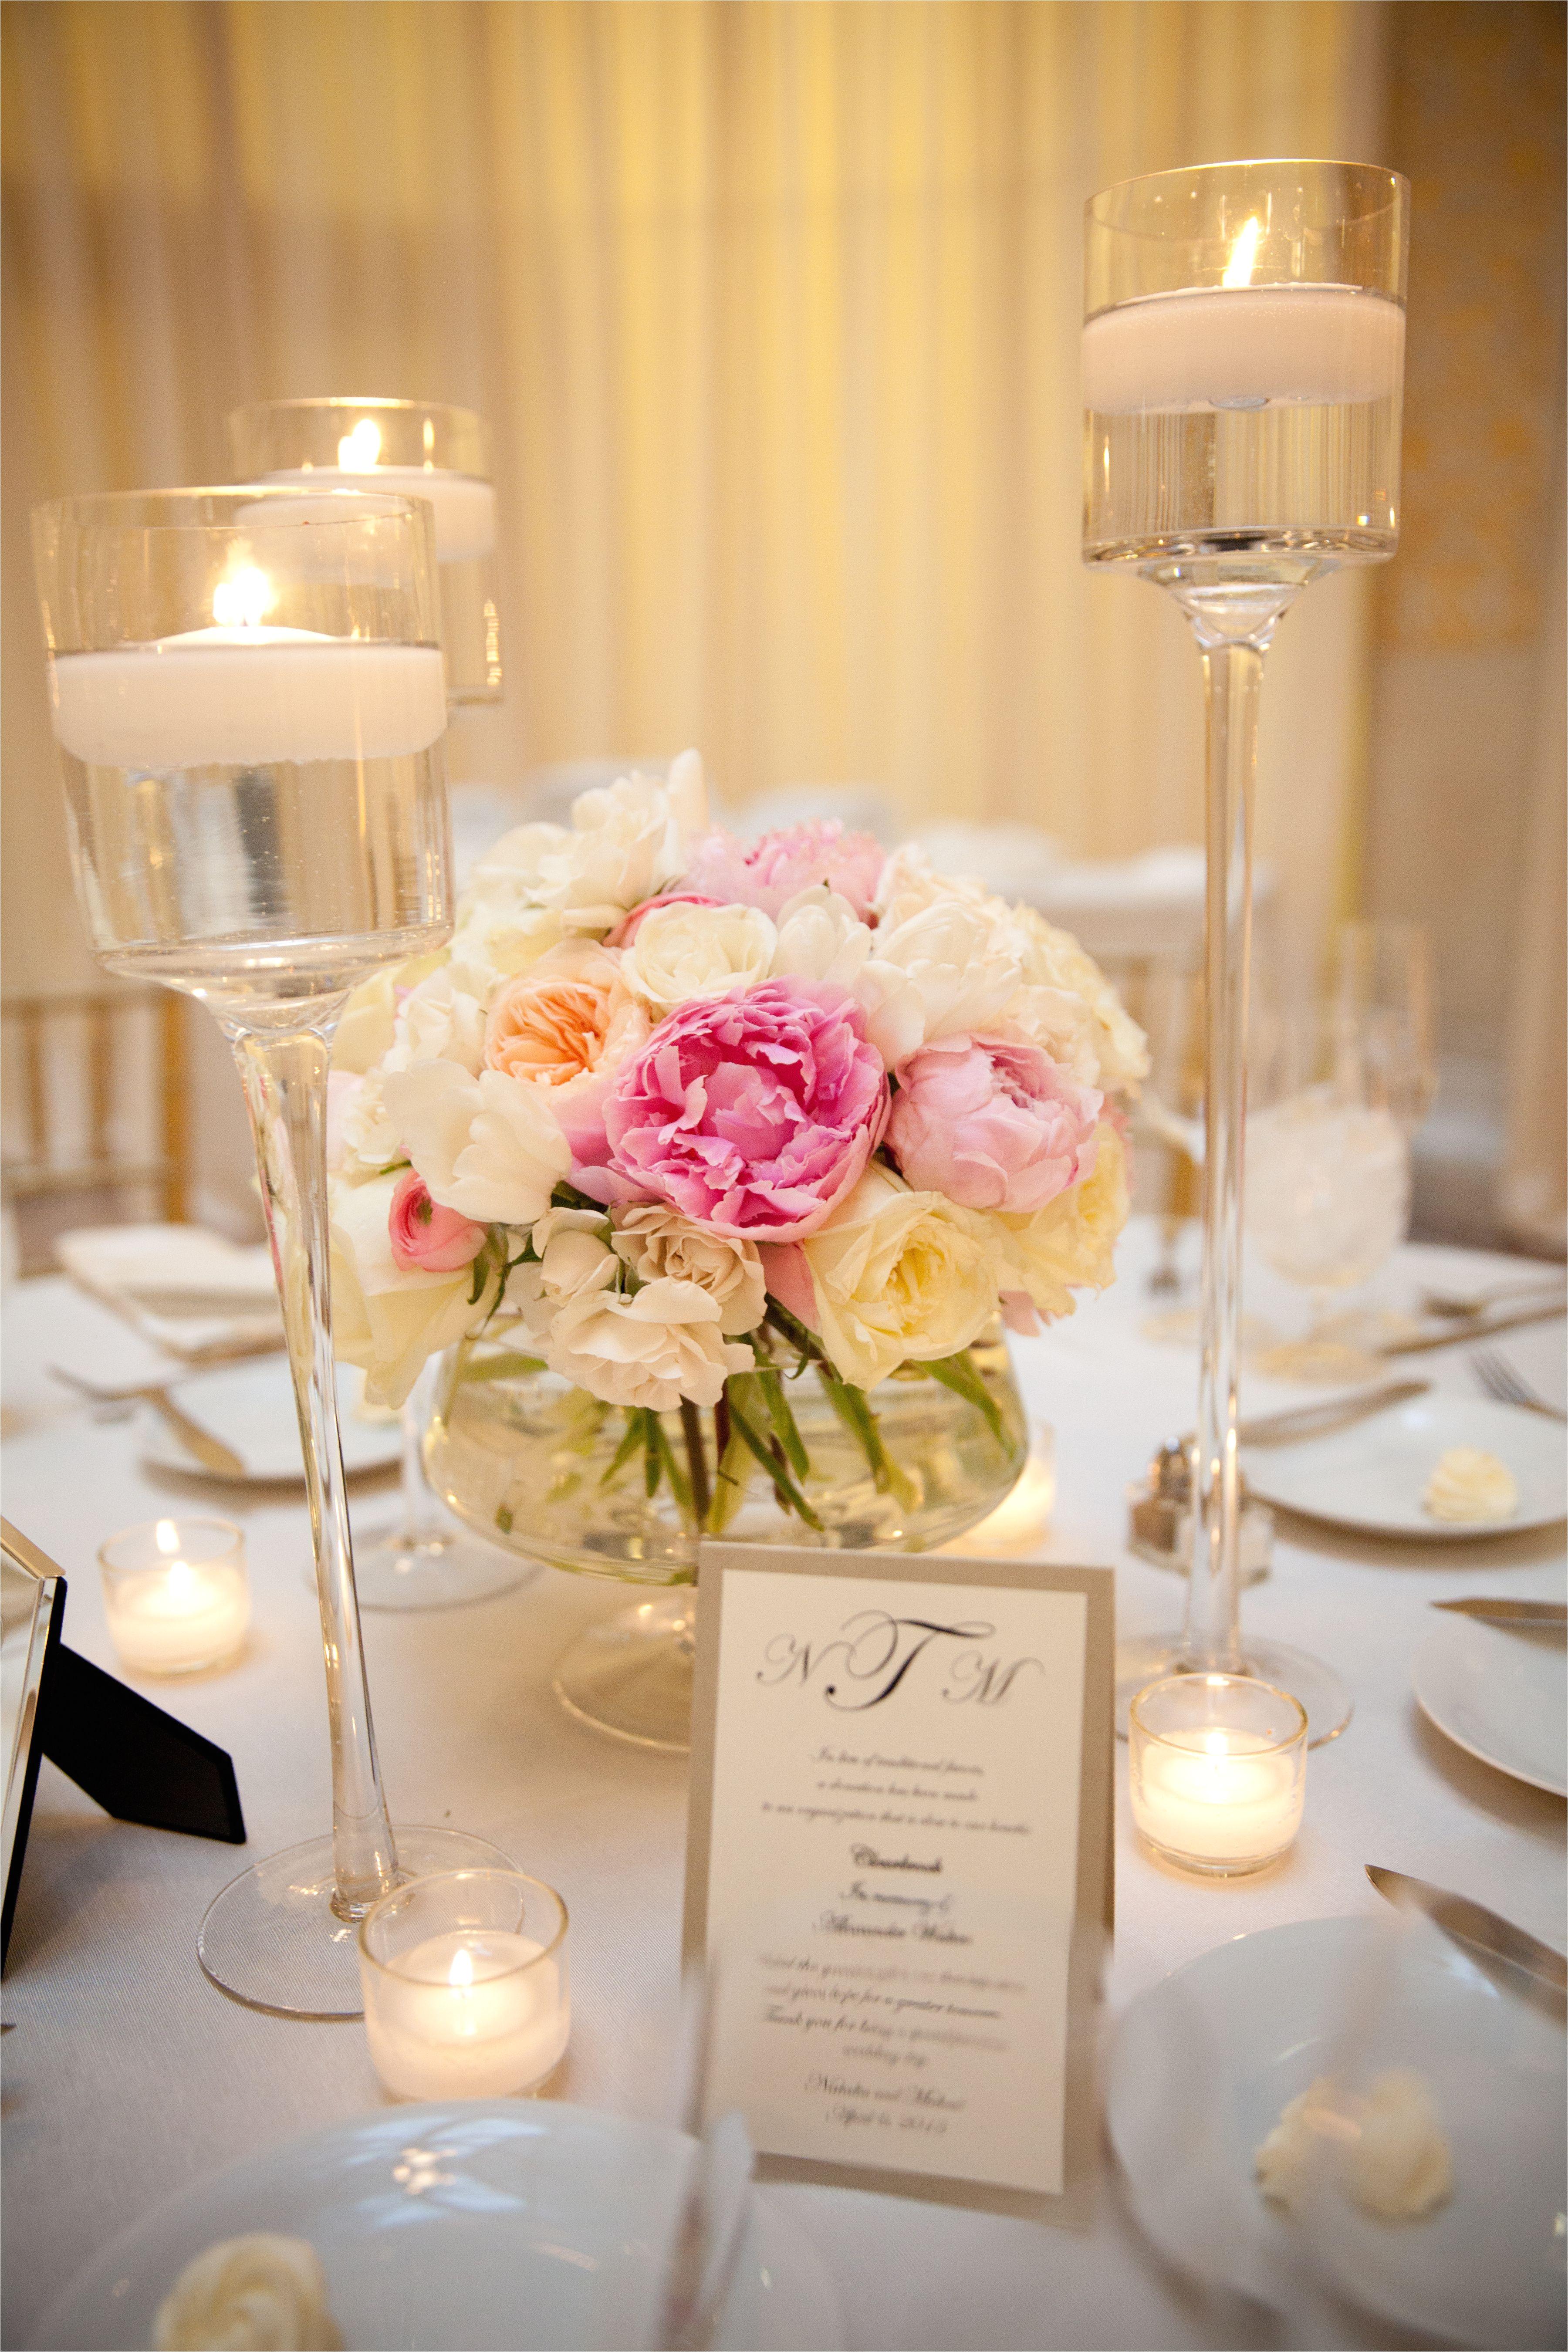 entra aqua y descubre las mejores ideas para organizar tu boda desde la decoracia n pasando por las invitaciones el candy bar los recuerdos todo